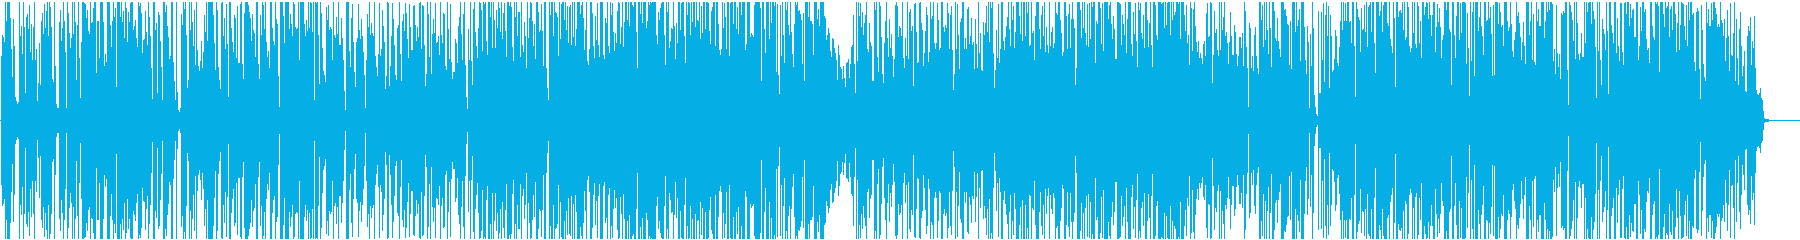 オープニング印象大の爽やかピアノファンクの再生済みの波形